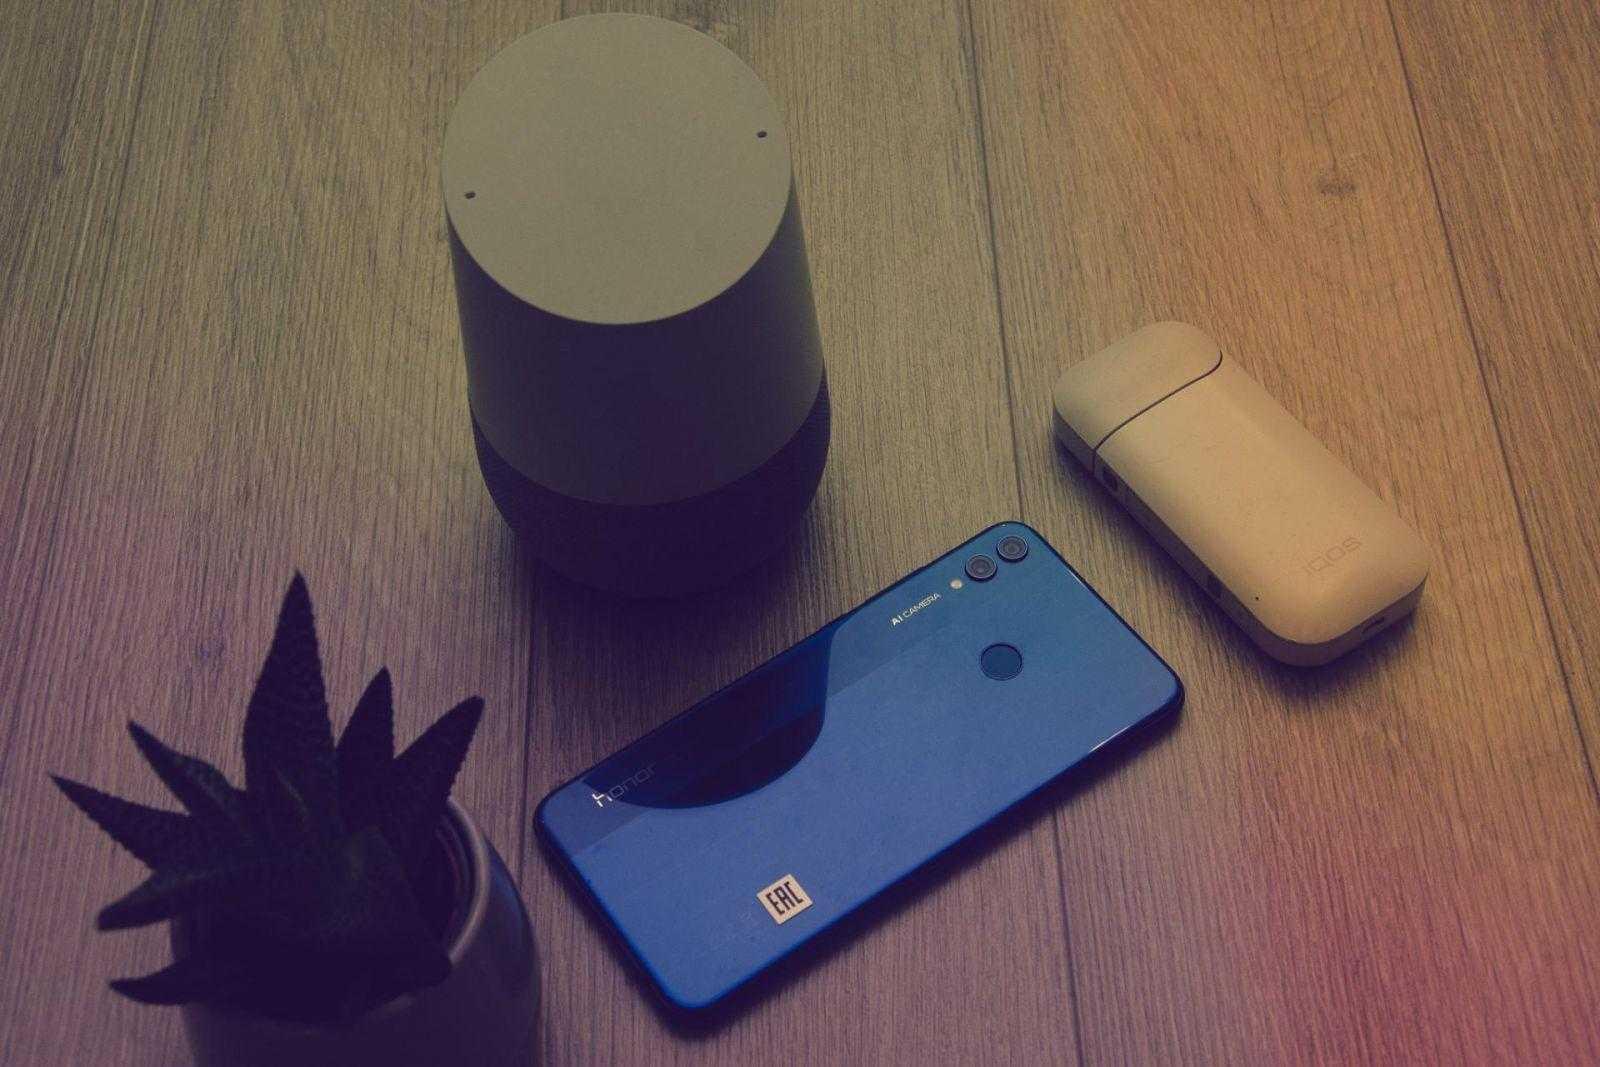 Обзор смартфона Honor 8X. Недорогой, но классный (dsc 6856 edit)